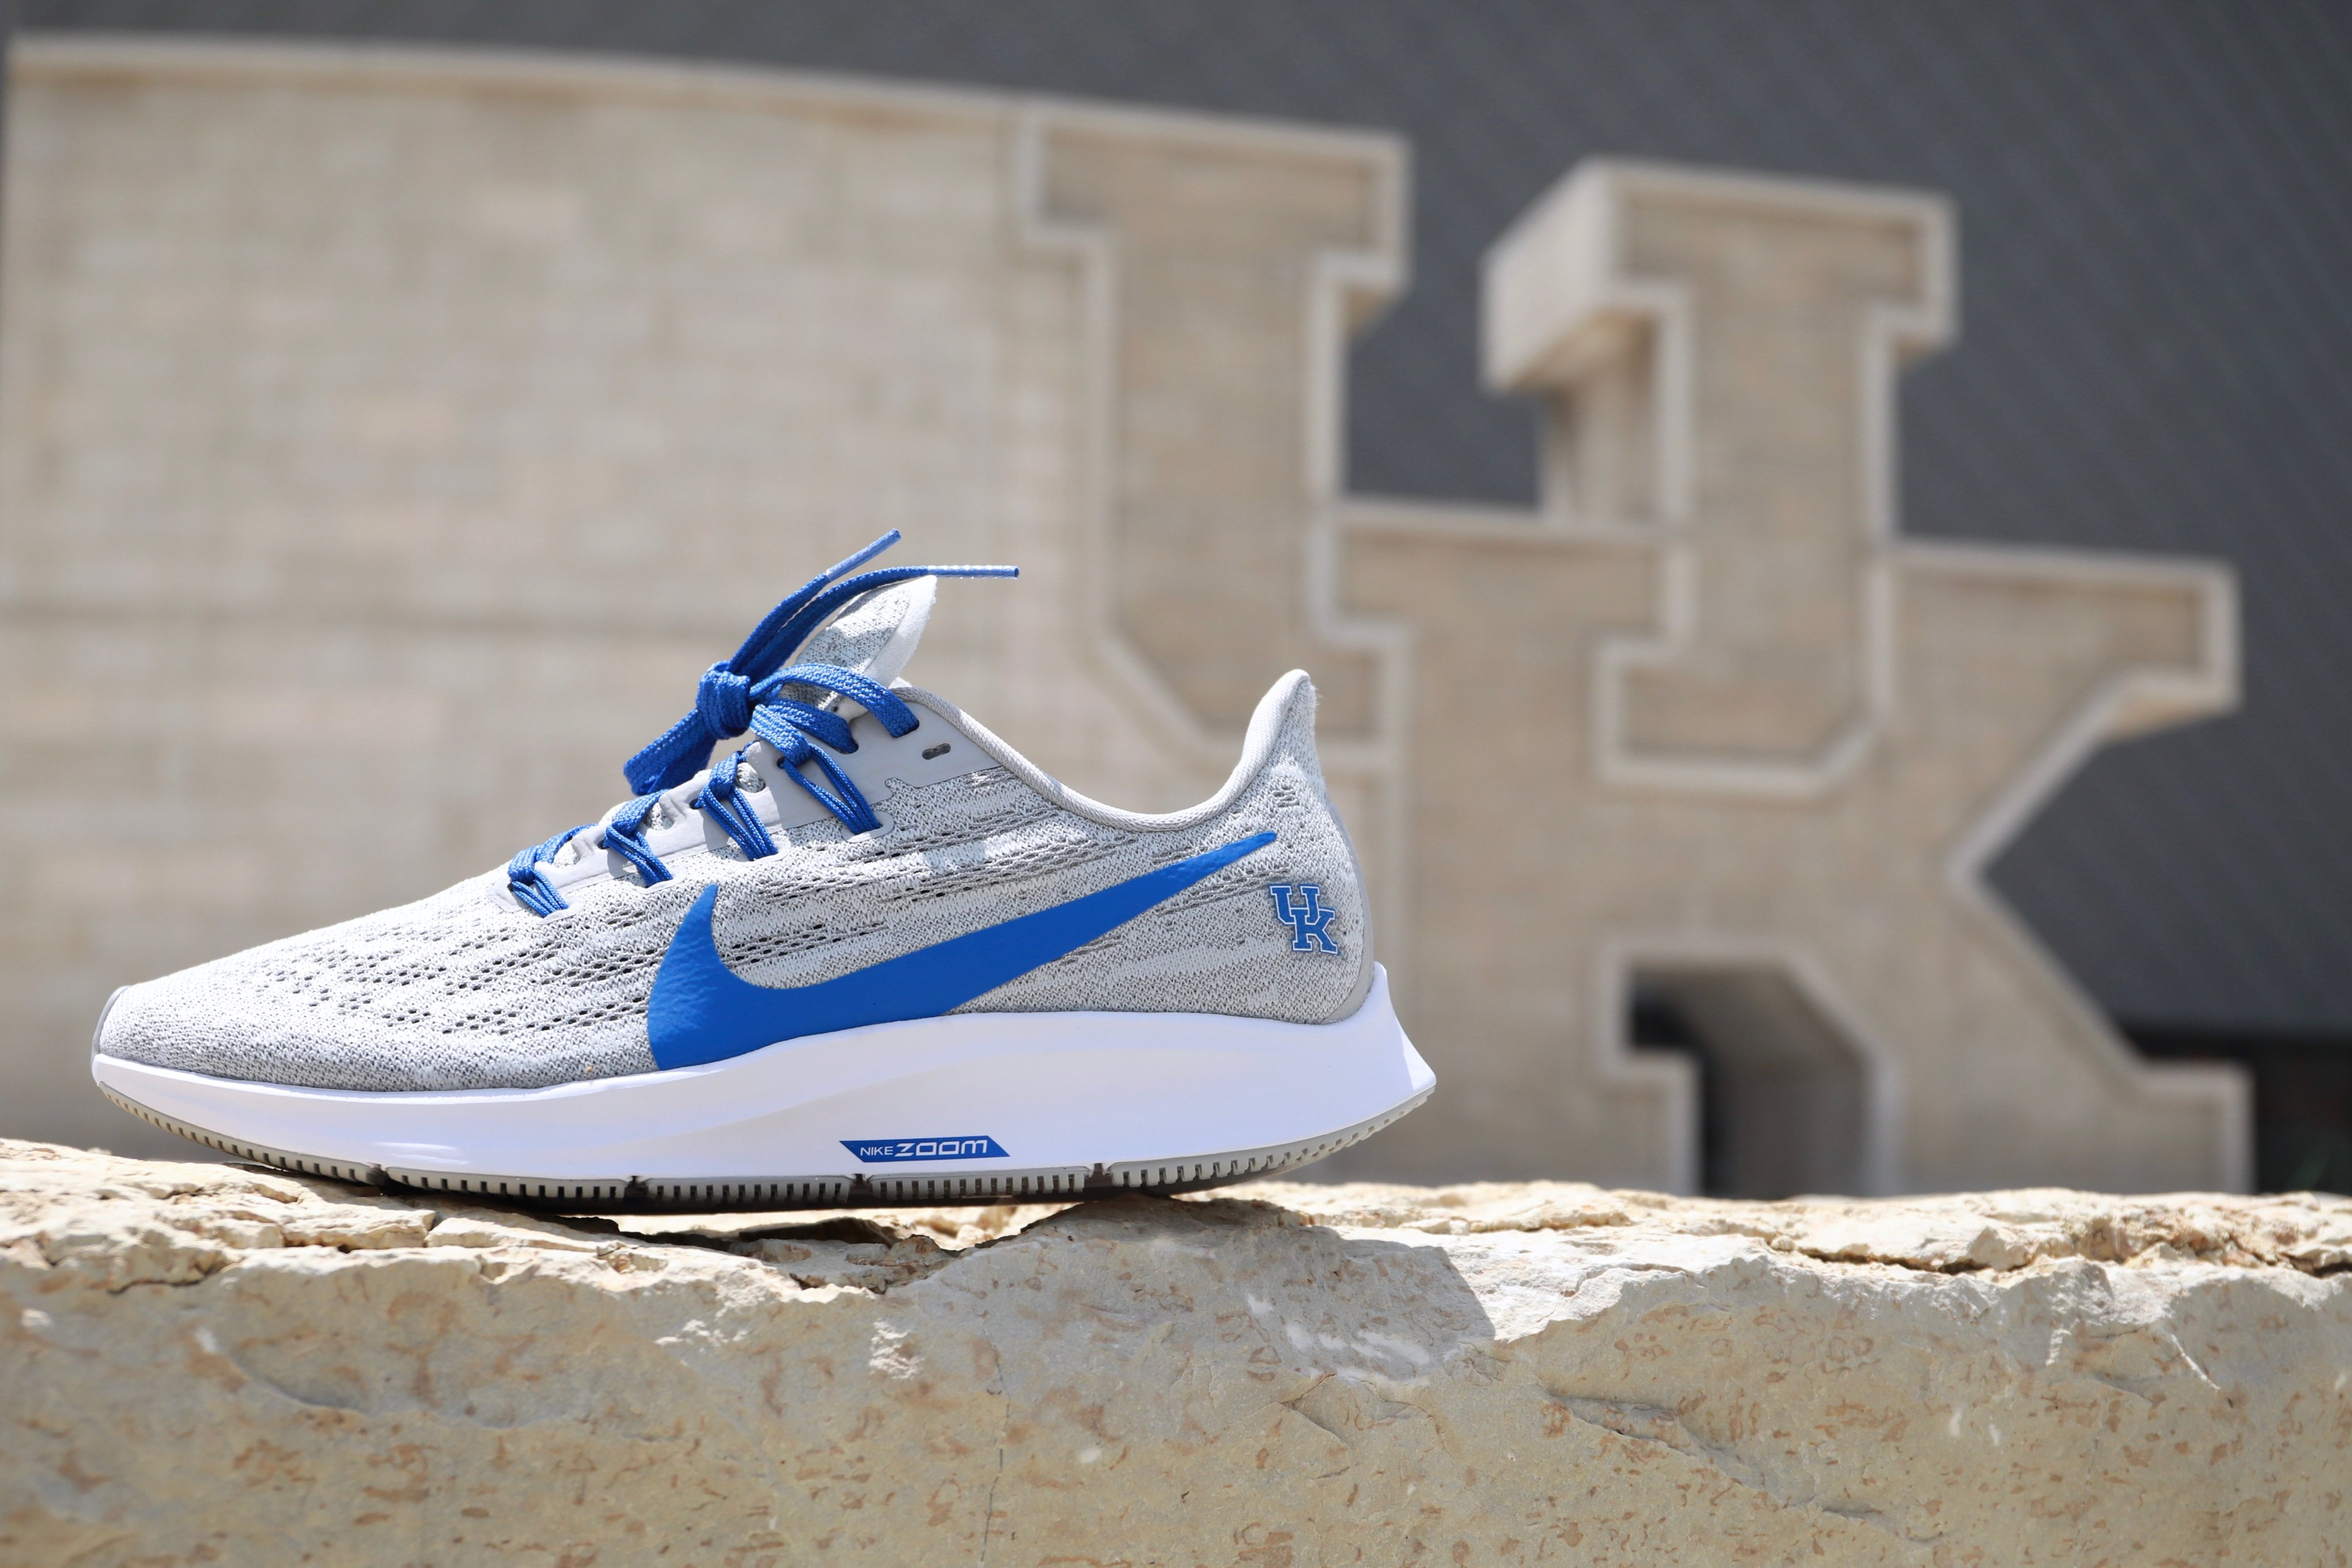 meet 62c0a 66539 LOOK: Kentucky Nike Air Zoom Pegasus 36 released | Kentucky ...